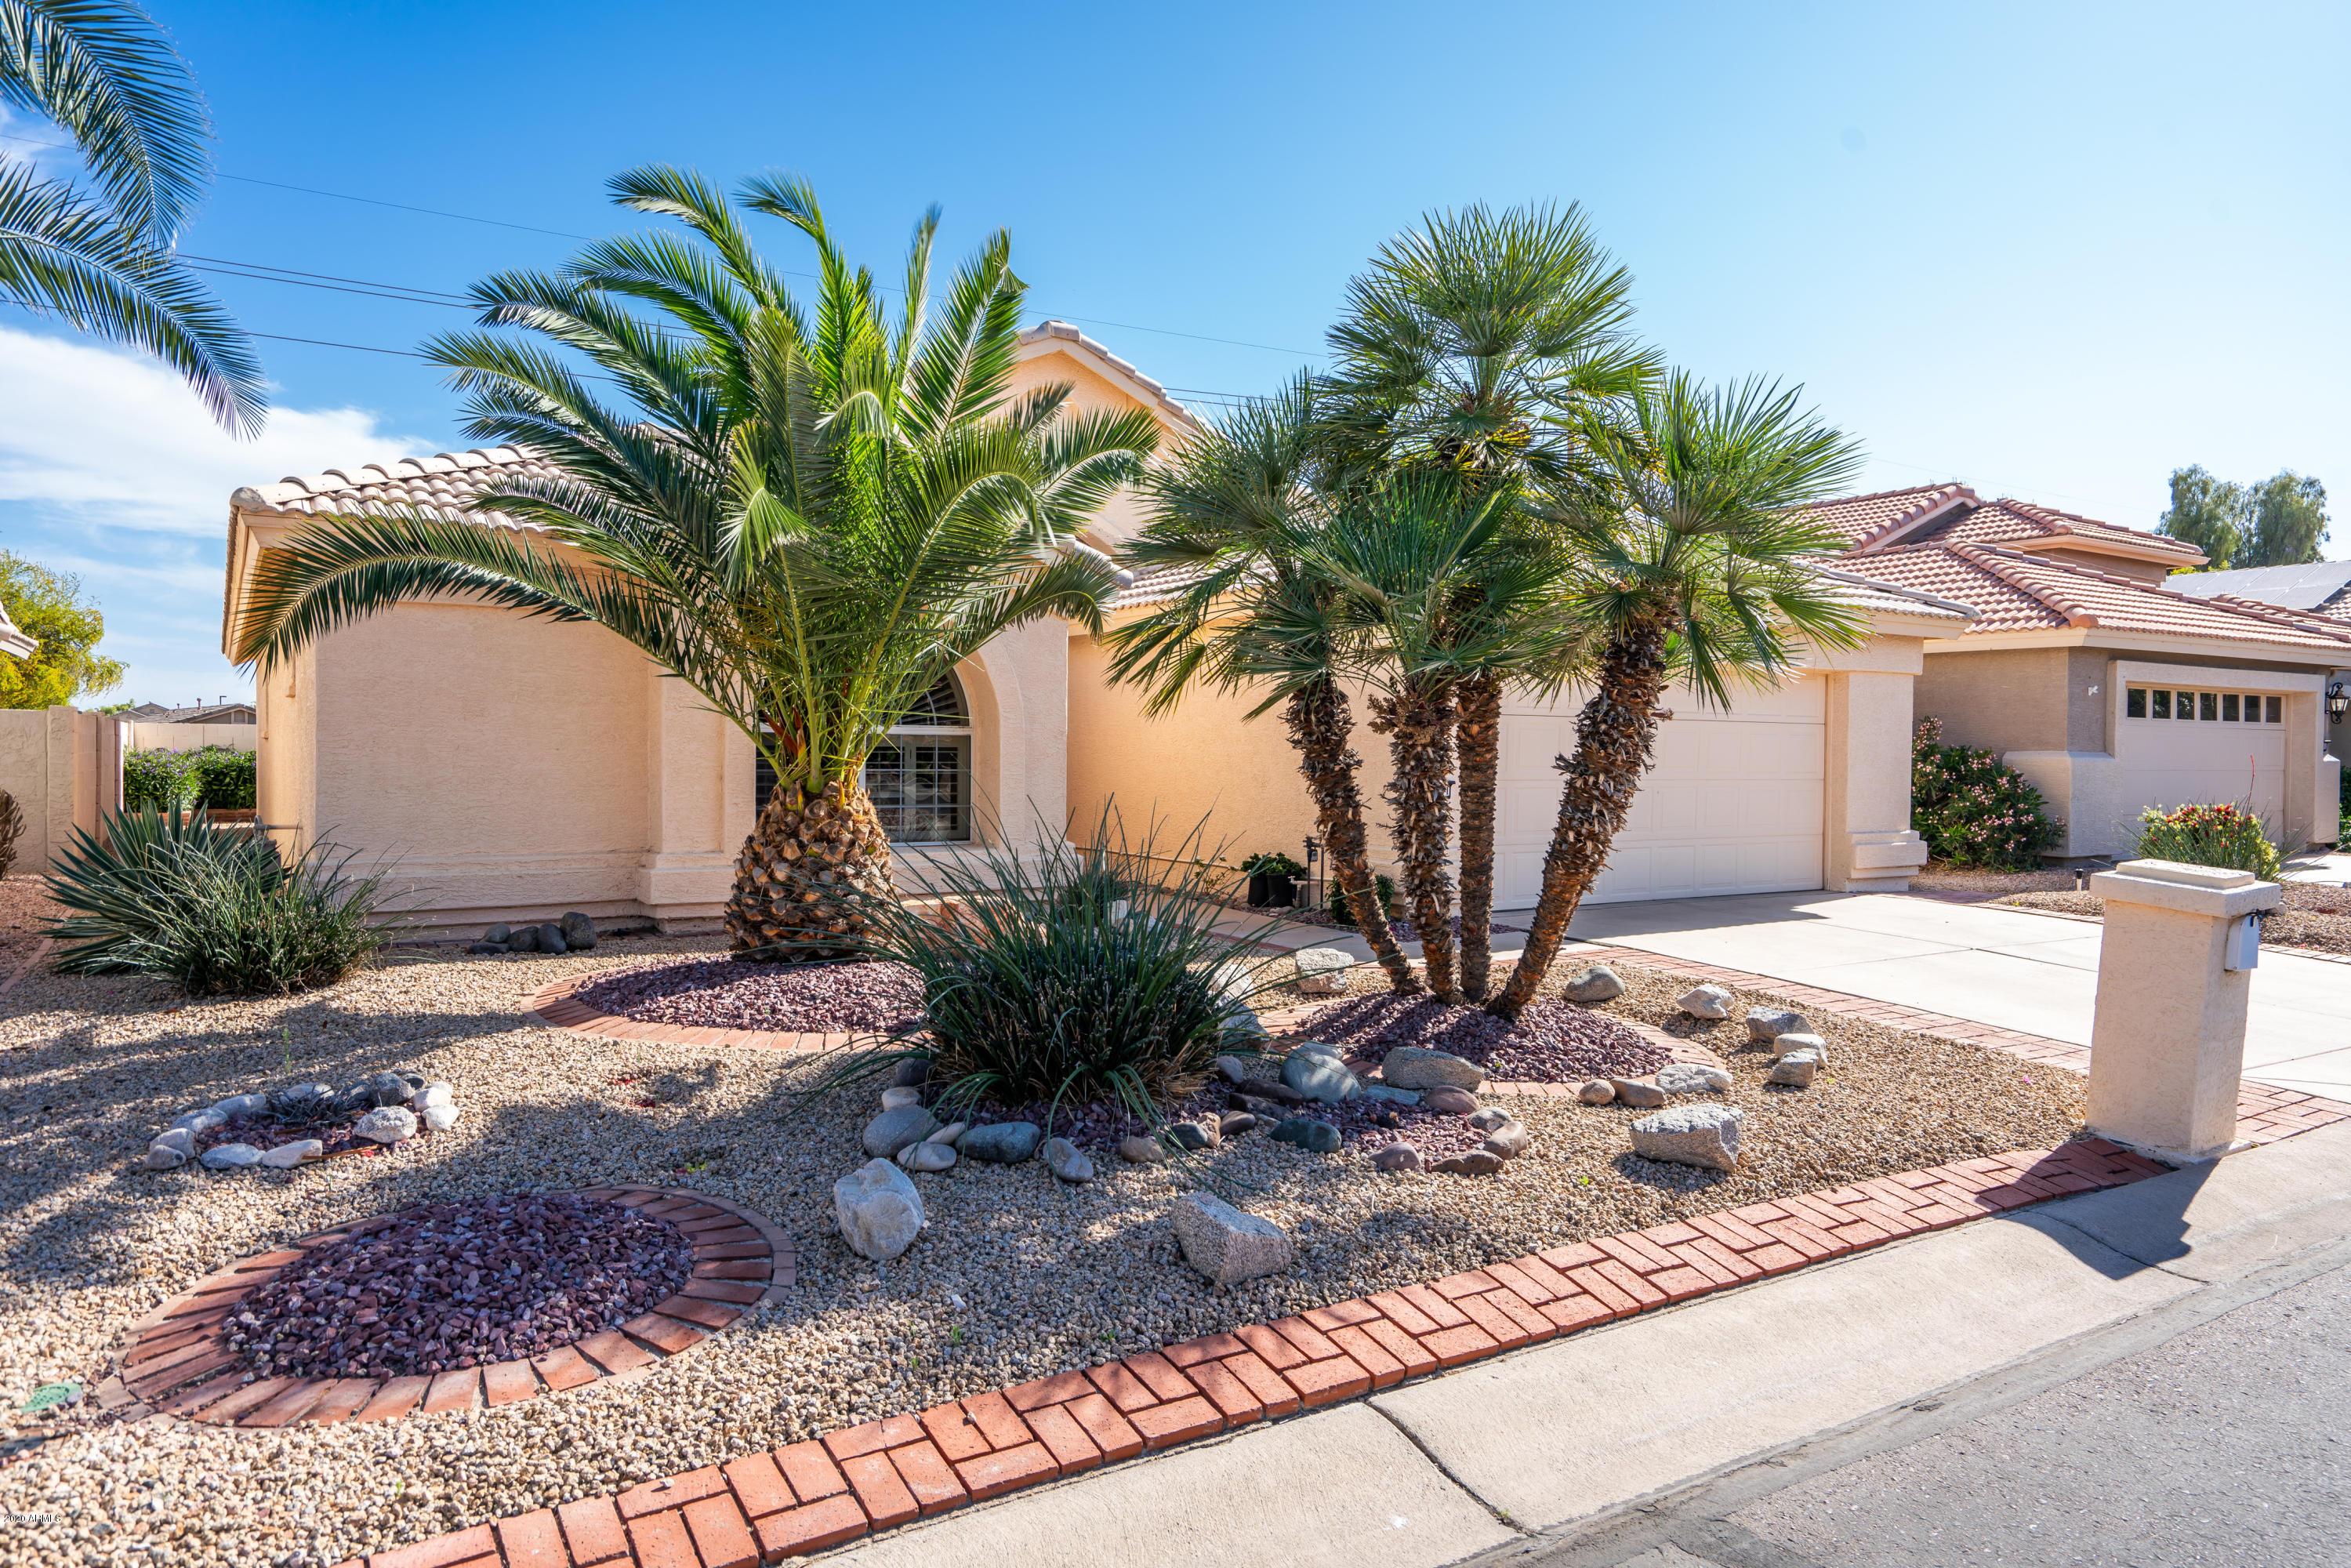 Photo of 15251 W VERDE Lane, Goodyear, AZ 85395